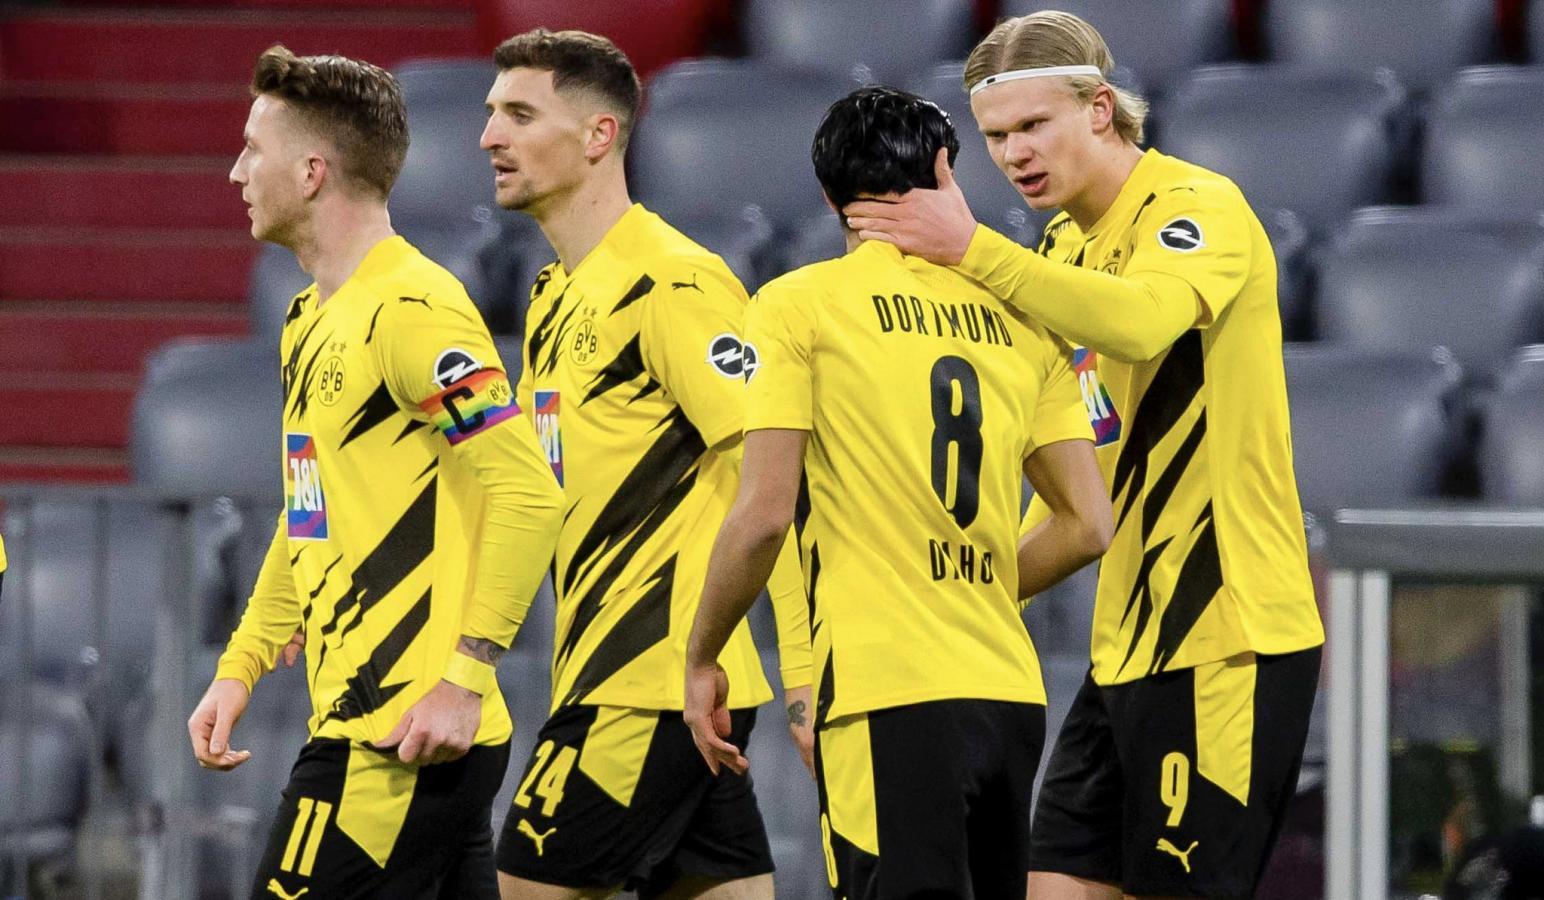 Haaland celebra su segundo tanto personal y de su equipo. El noruego llegó a los 19 goles en la actual Bundesliga. Salió lesionado en el segundo tiempo.